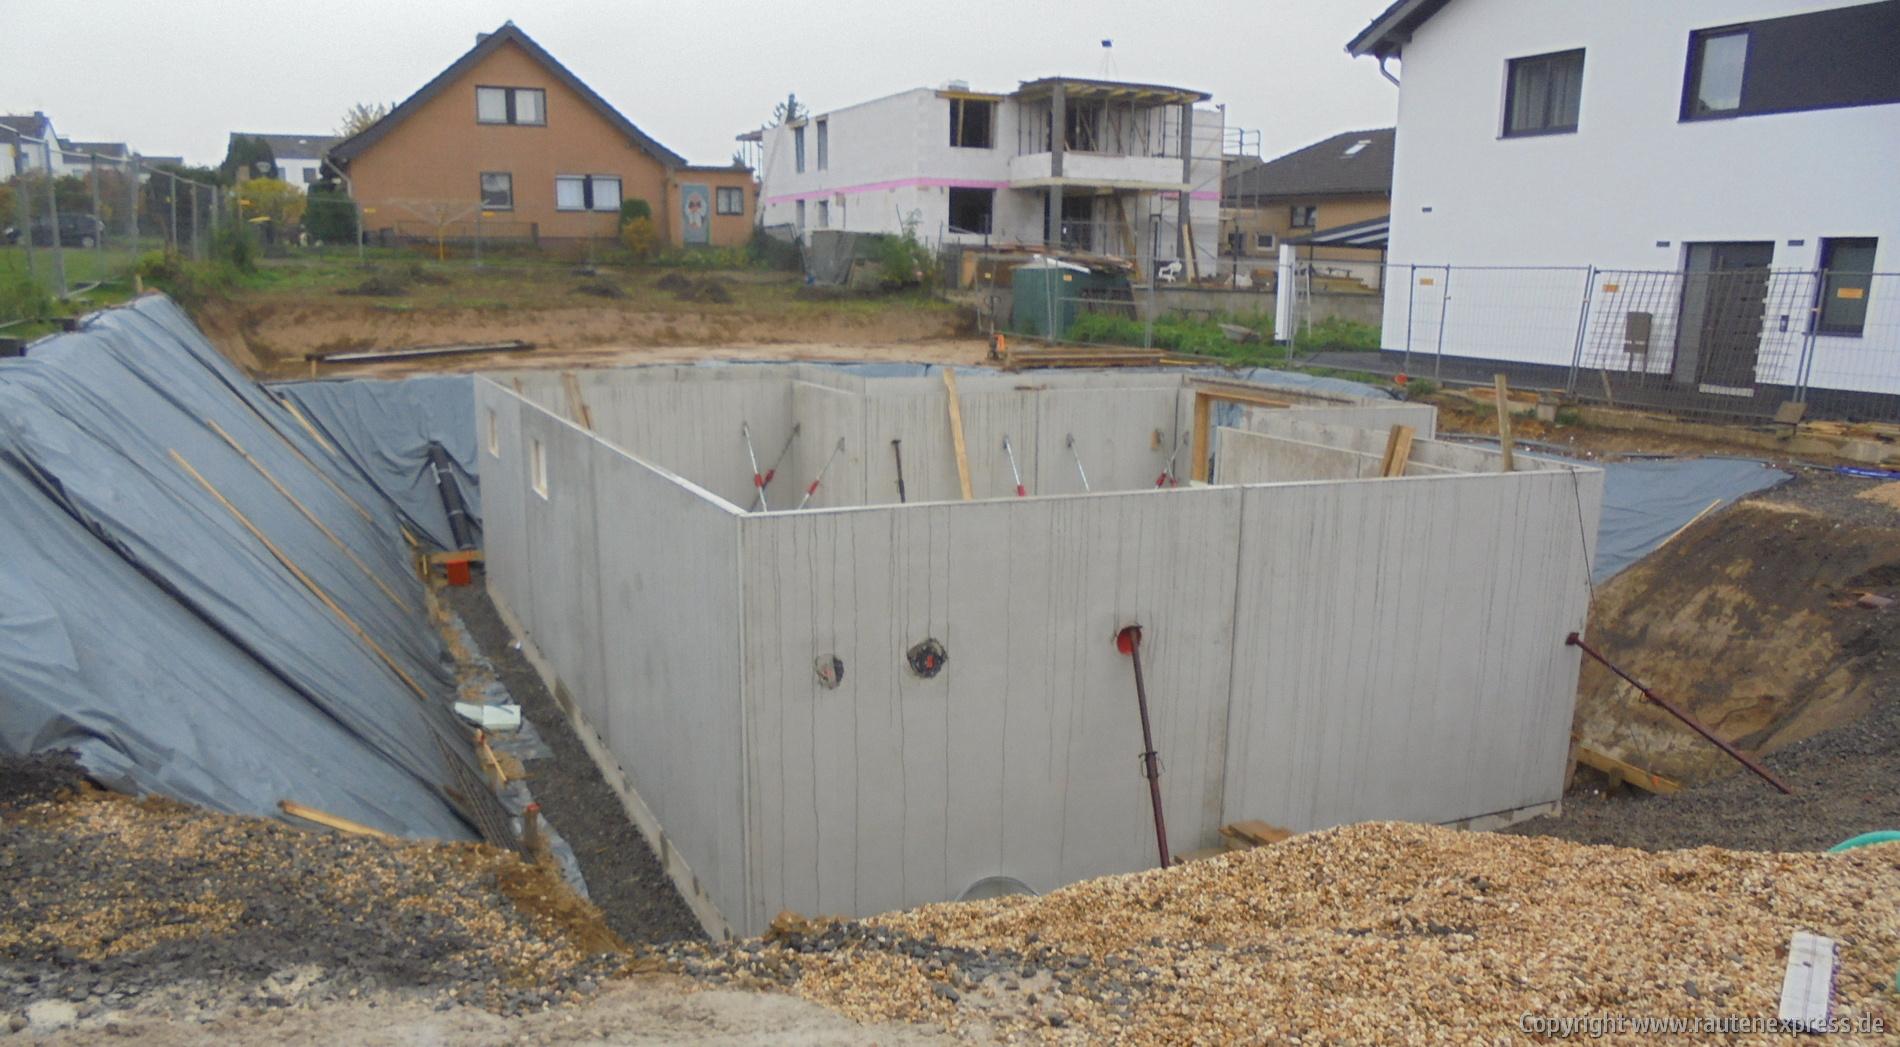 Kellerwände werden aufgestellt | artos-haus.de